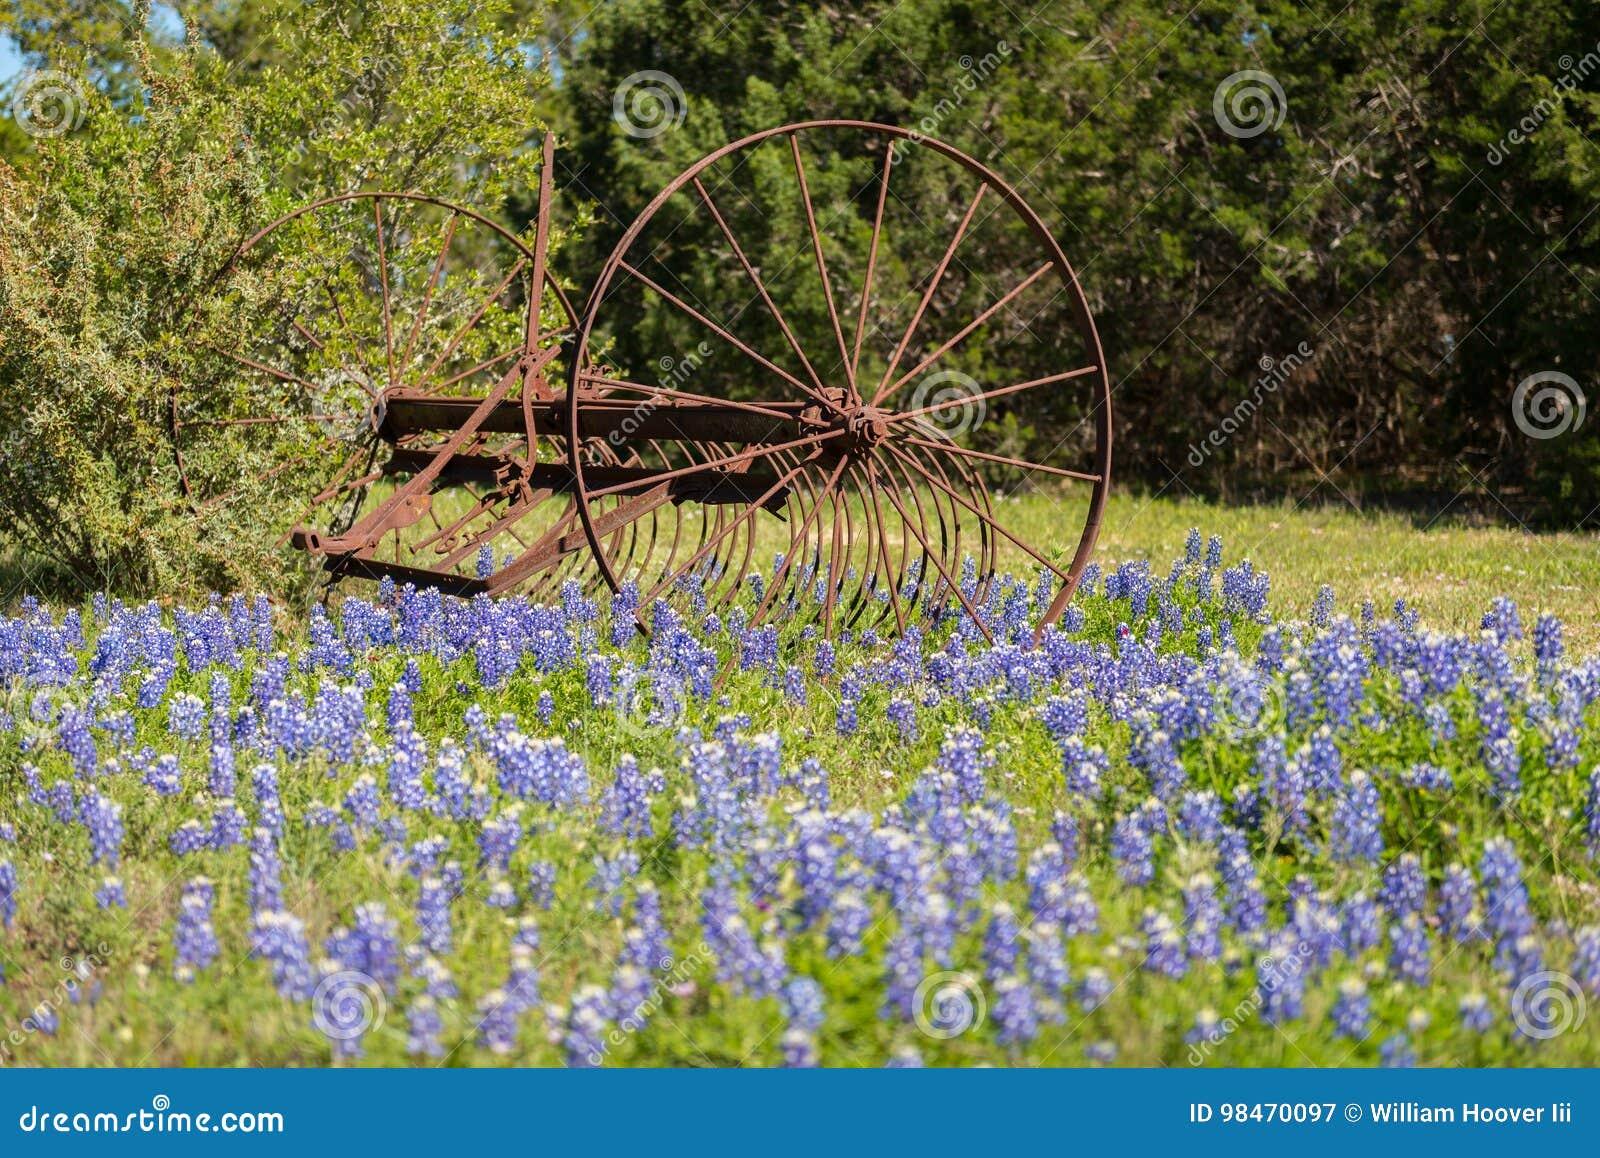 Old Farming Tool in Bluebonnet flowers